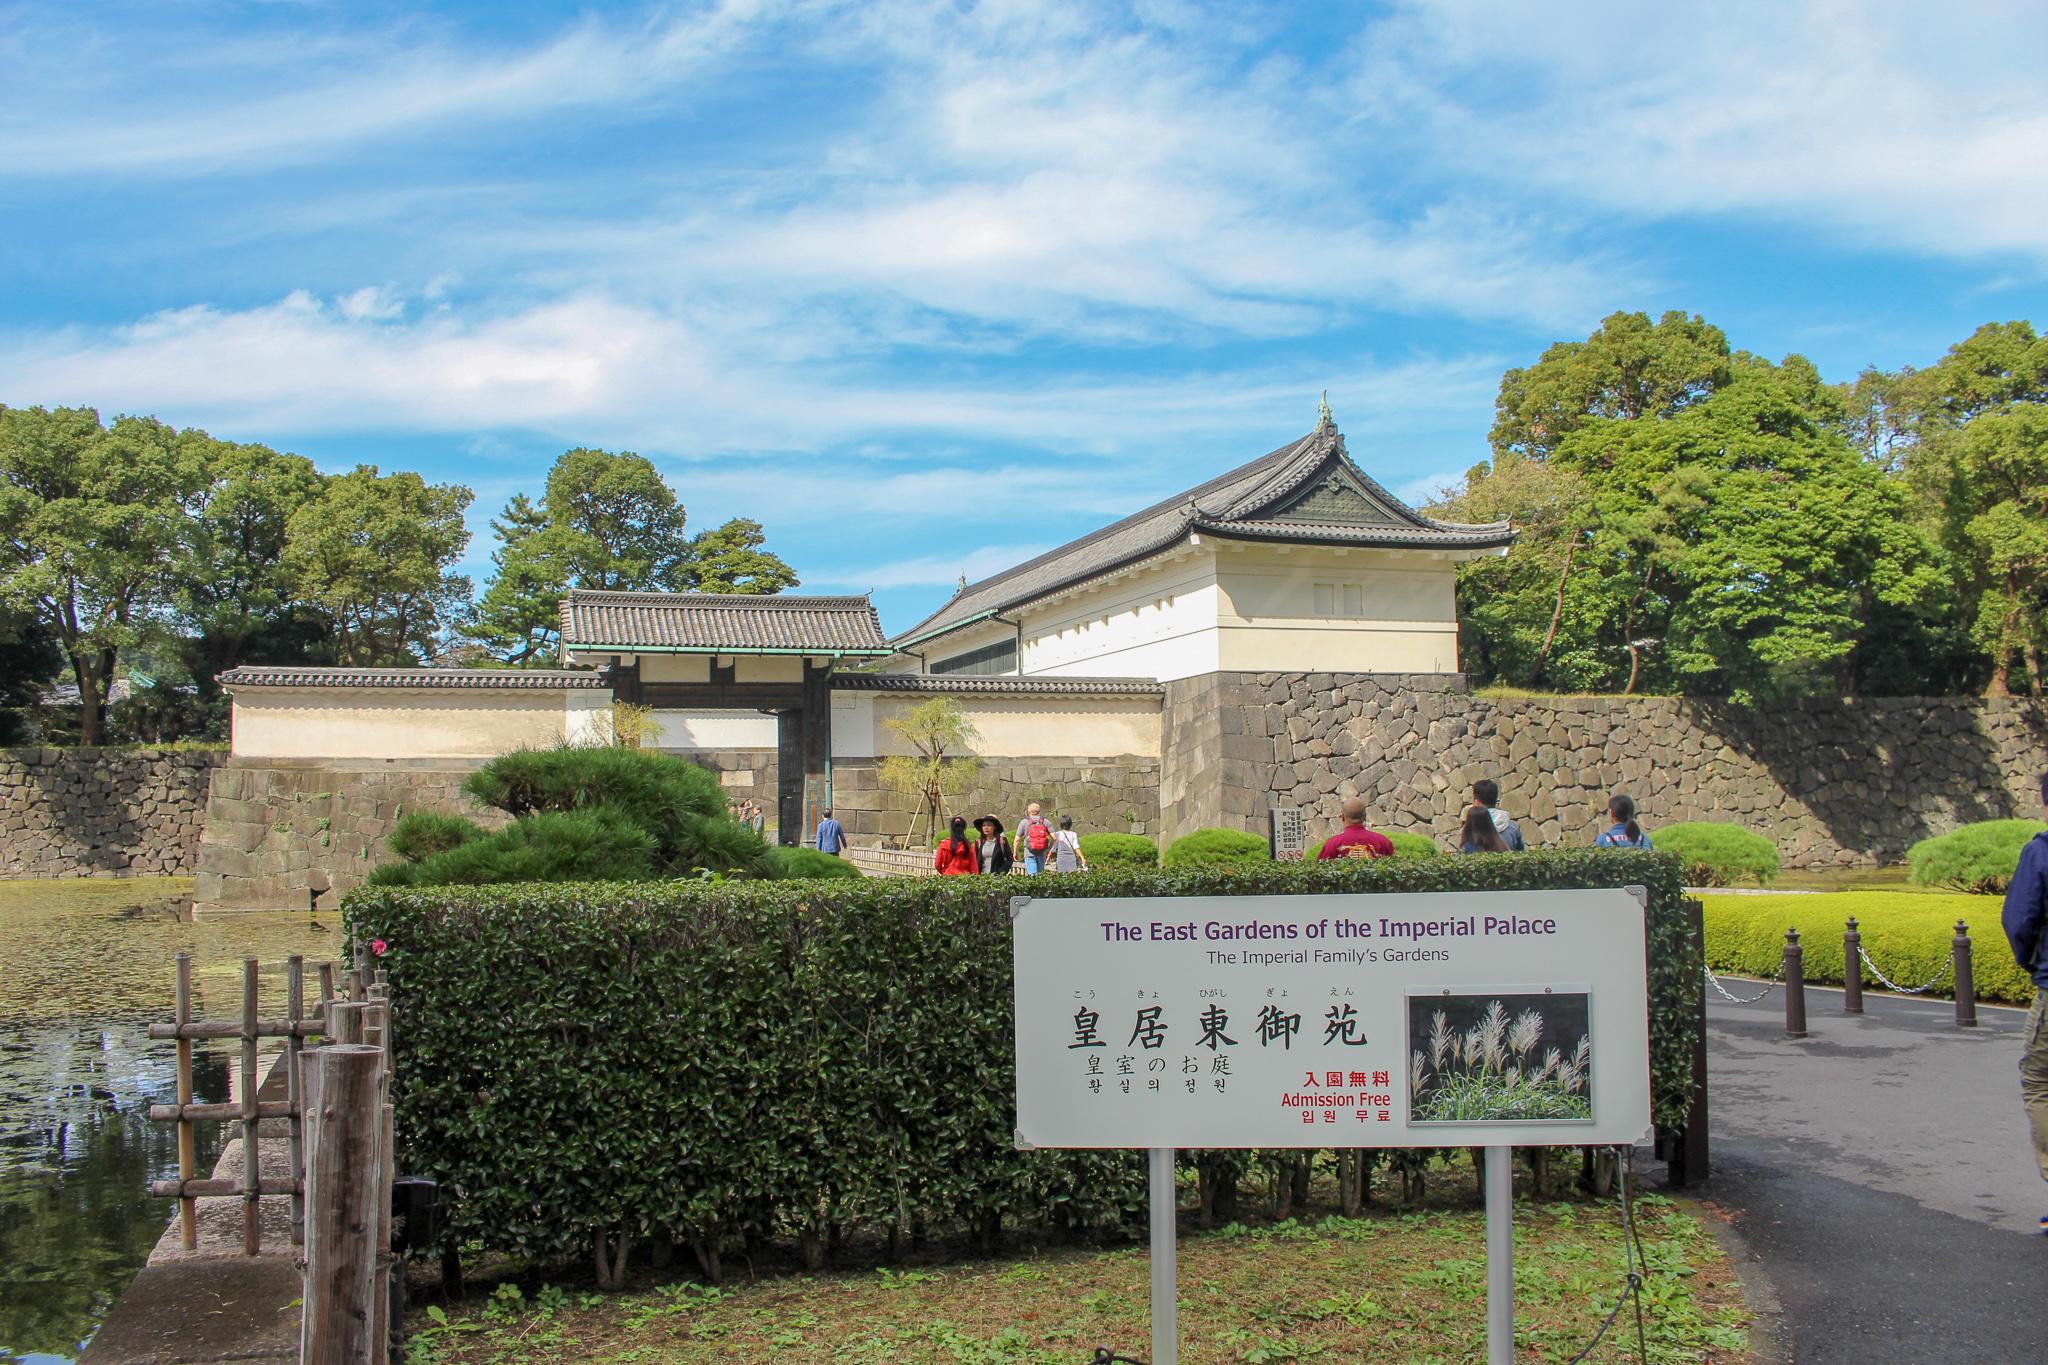 tokyo_palacio_imperial_entrada_jardins